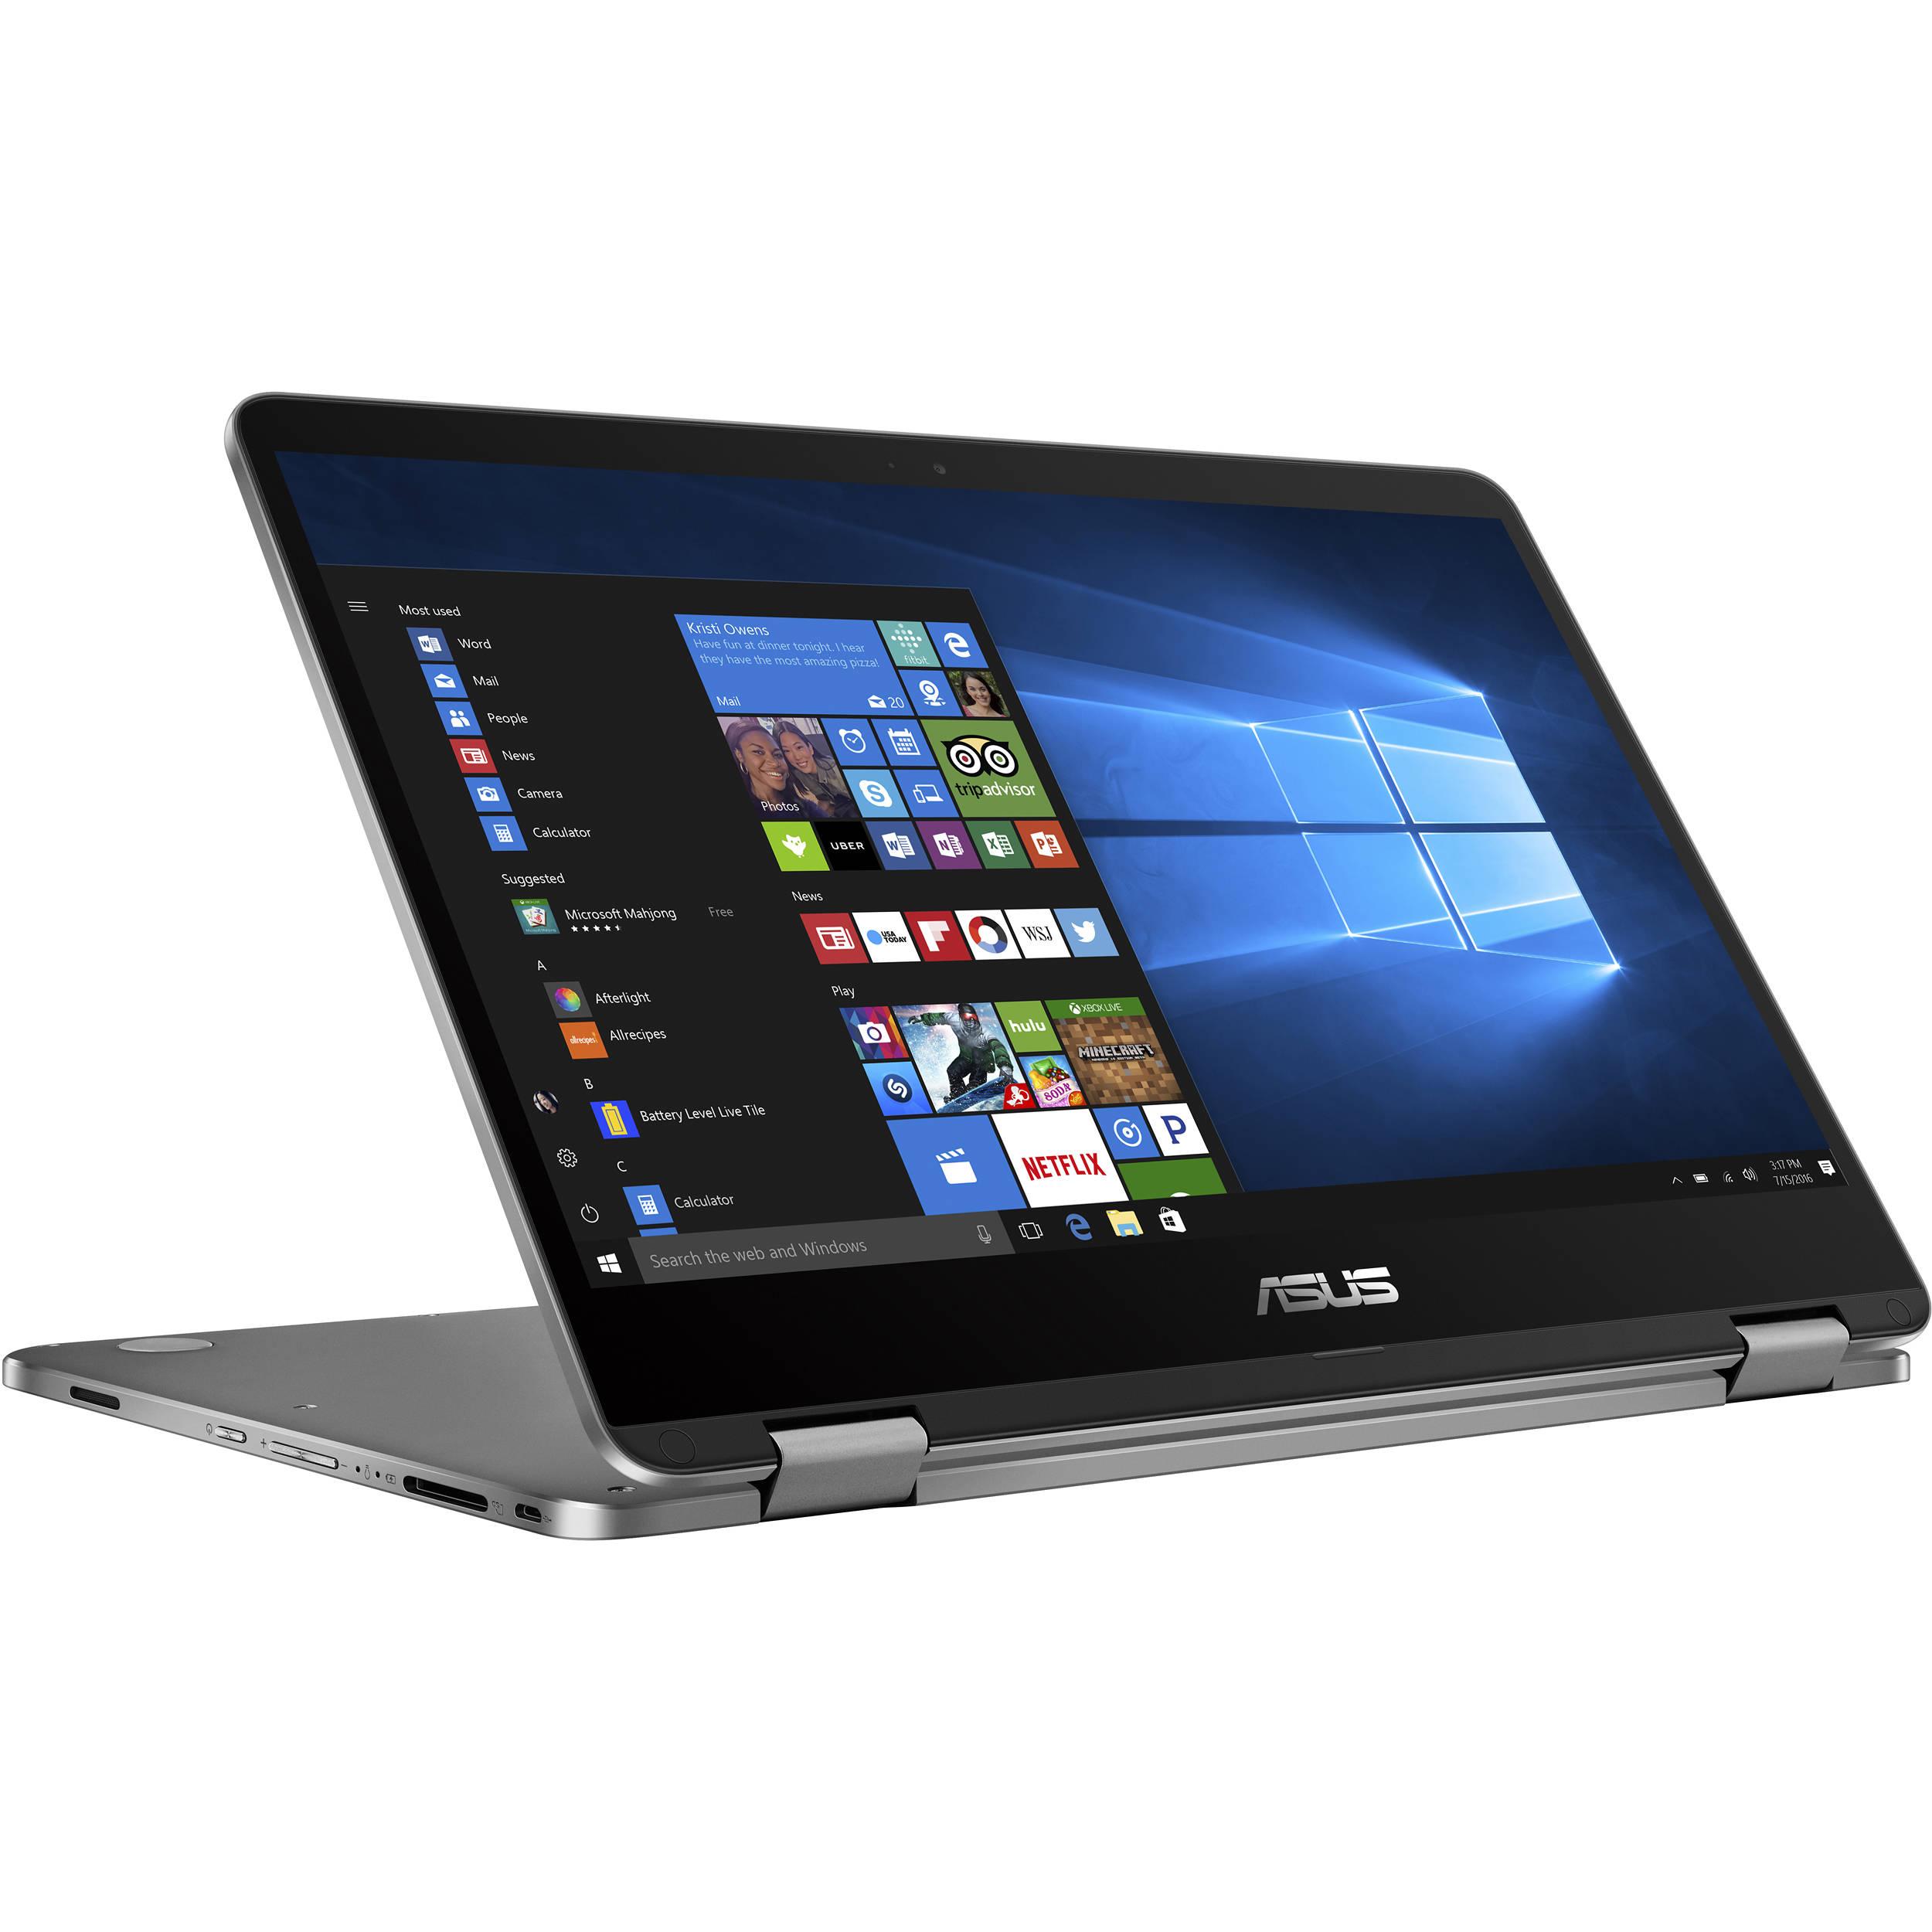 ASUS Vivabook Flip/ N4000/4GB/ 64GB EMMC/ Windows 10 Home S/14